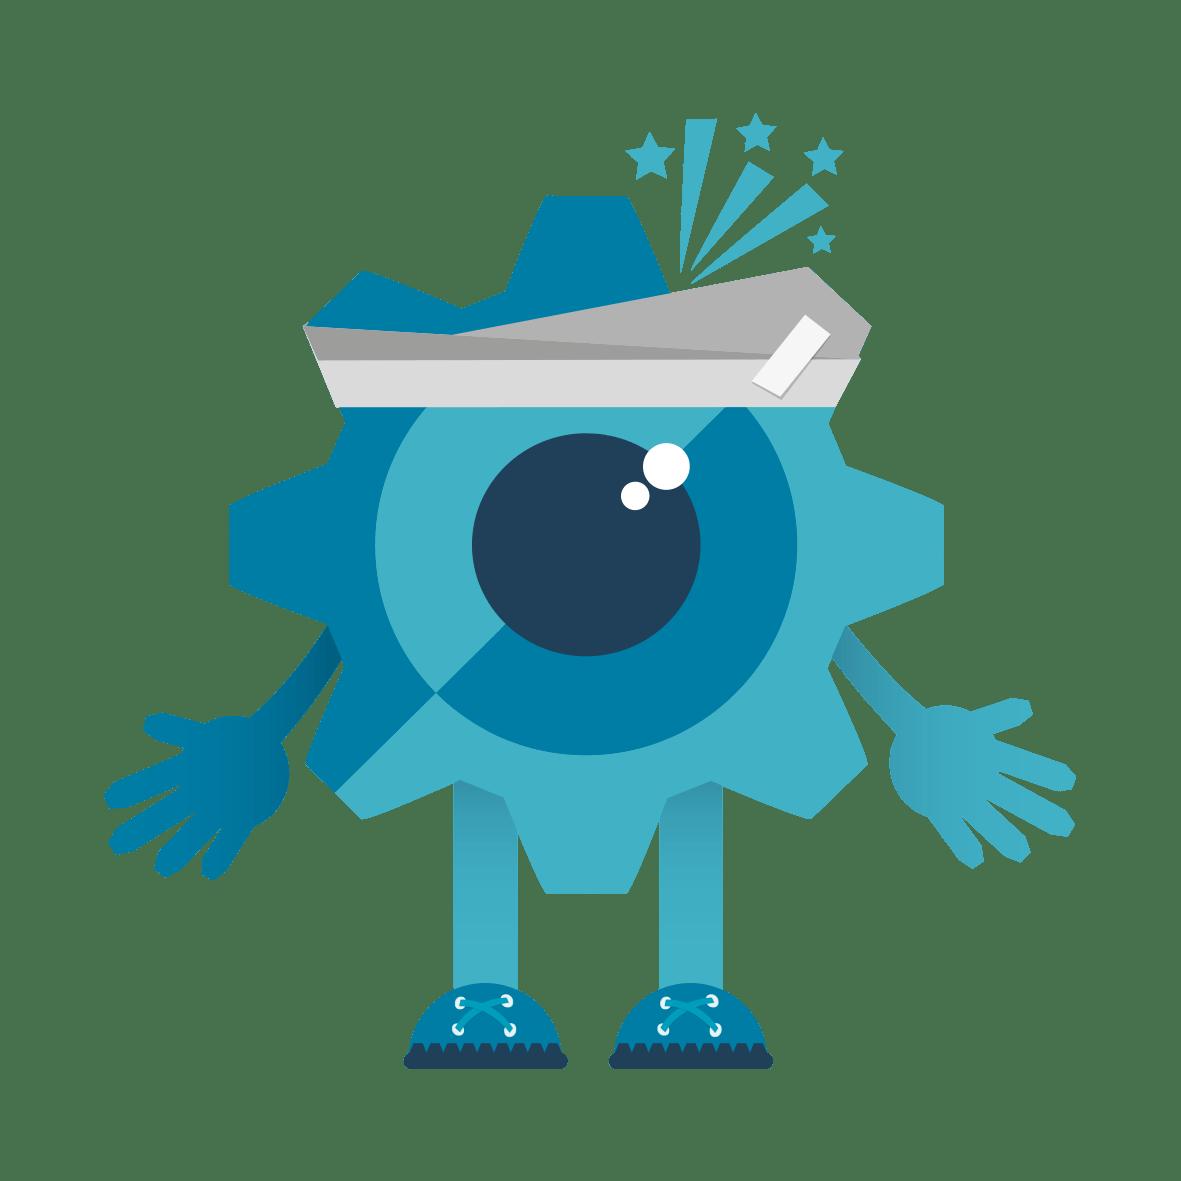 ¿A quien puede ayudar la terapia visual?